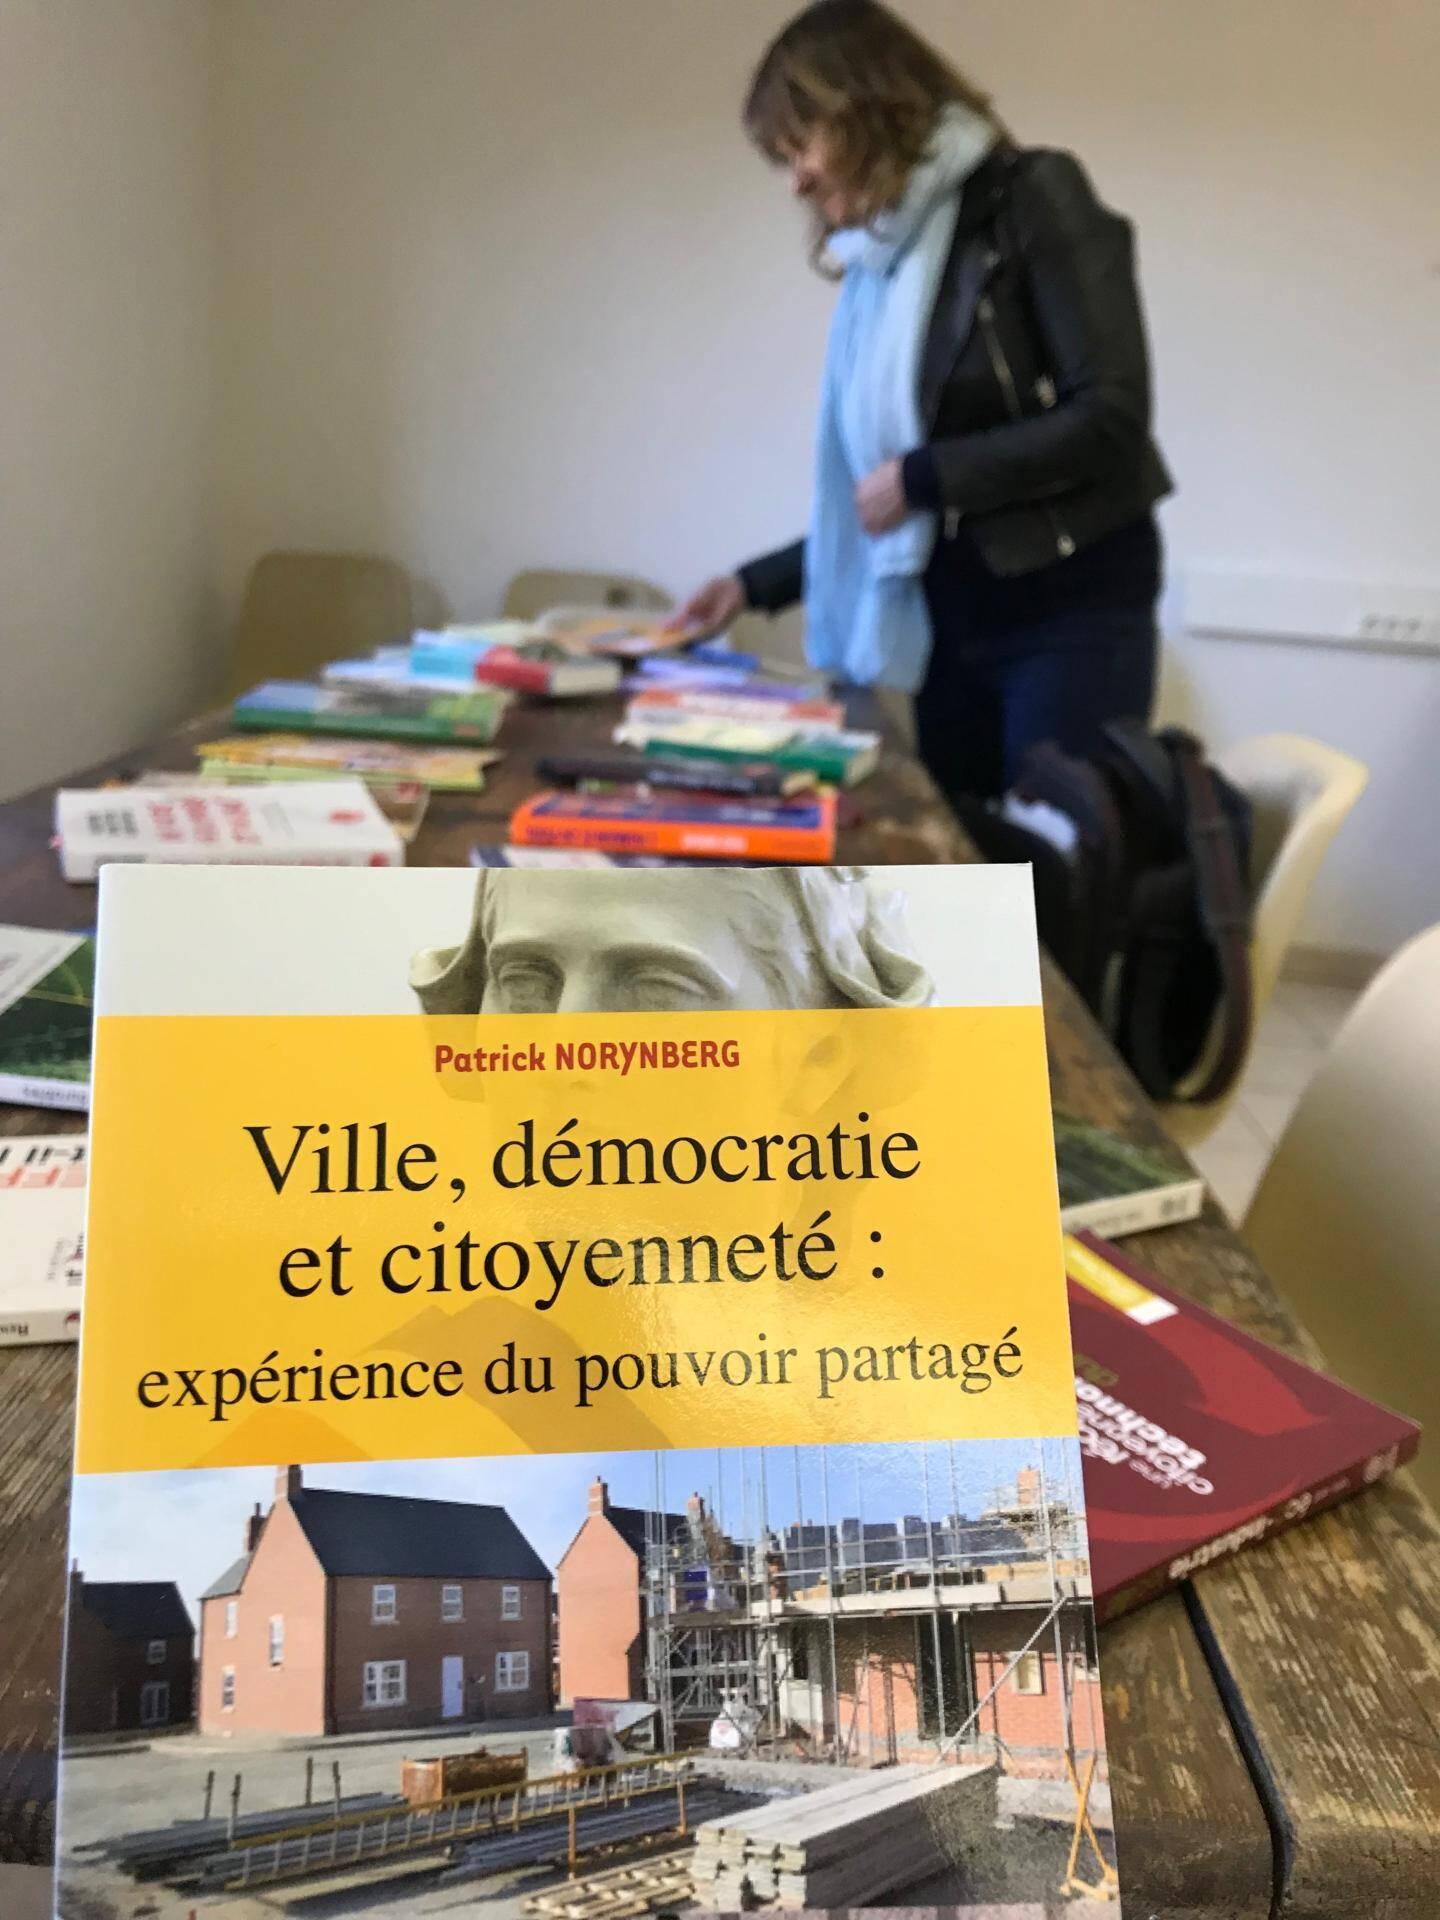 Un peu de lecture proposé aux participants avant de démarrer l'atelier.